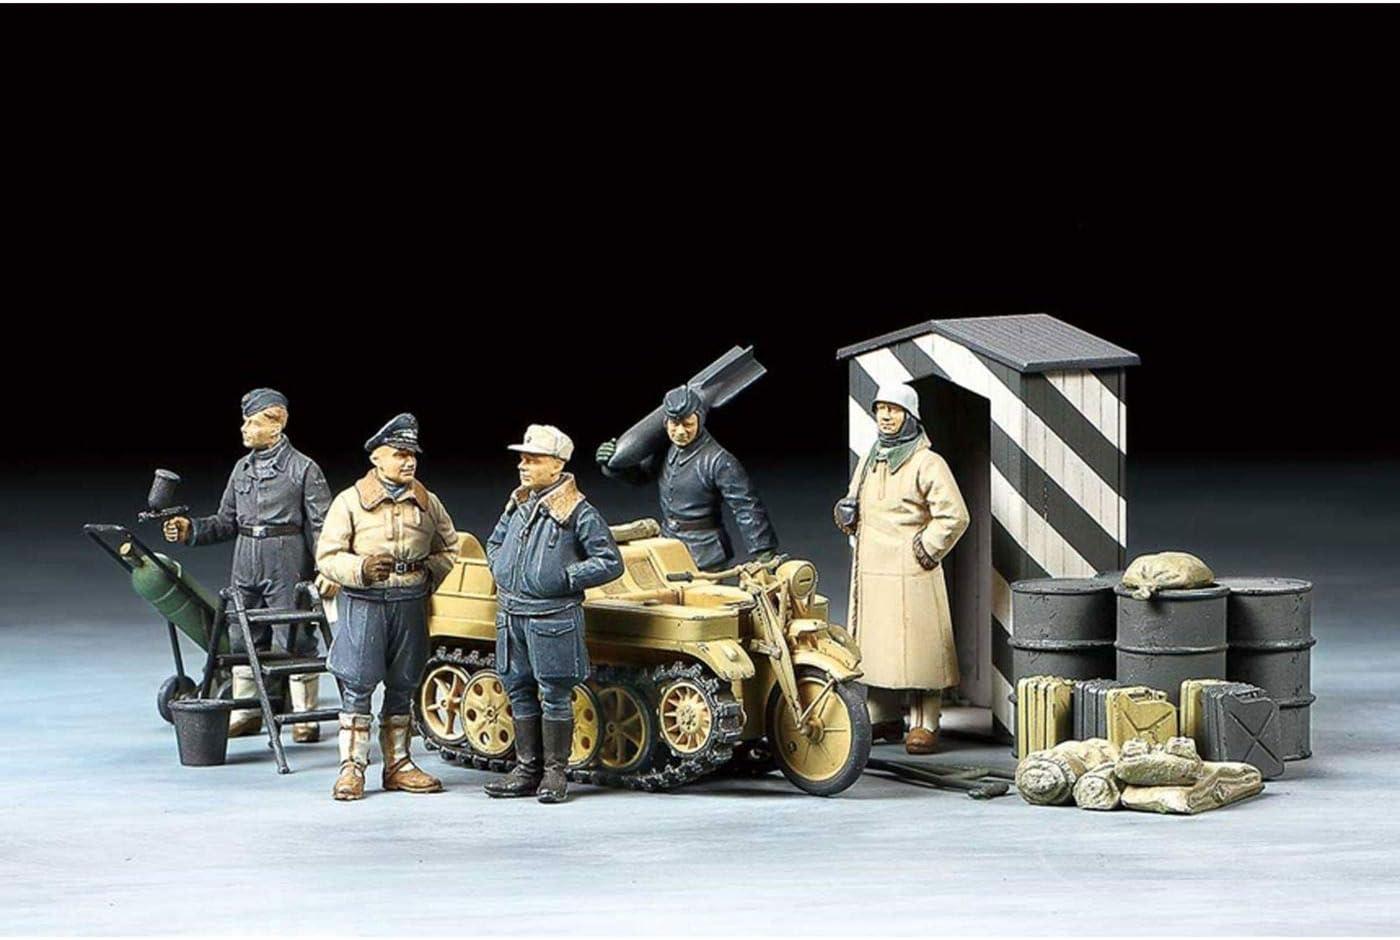 Infanterie allemande sous-officier-Uniform Set 21 jouets figurines 1//6 Scale